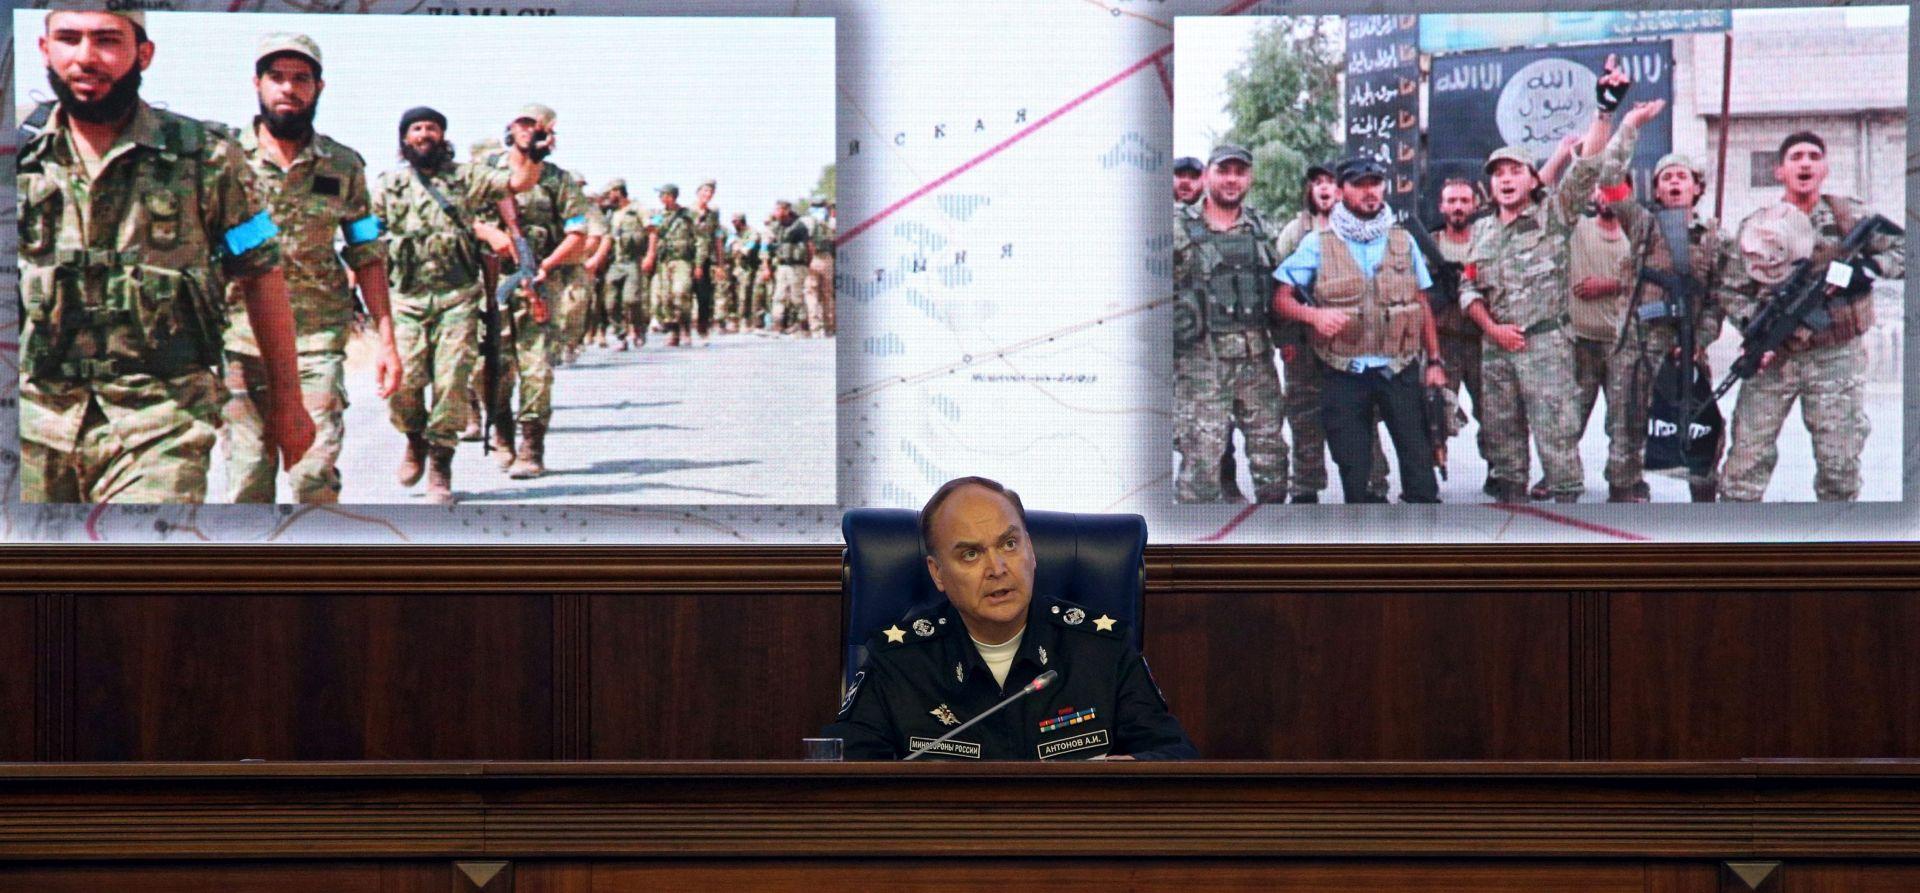 EP upozorava na propagandu Rusije i islamističkih terorističkih organizacija prema Europi